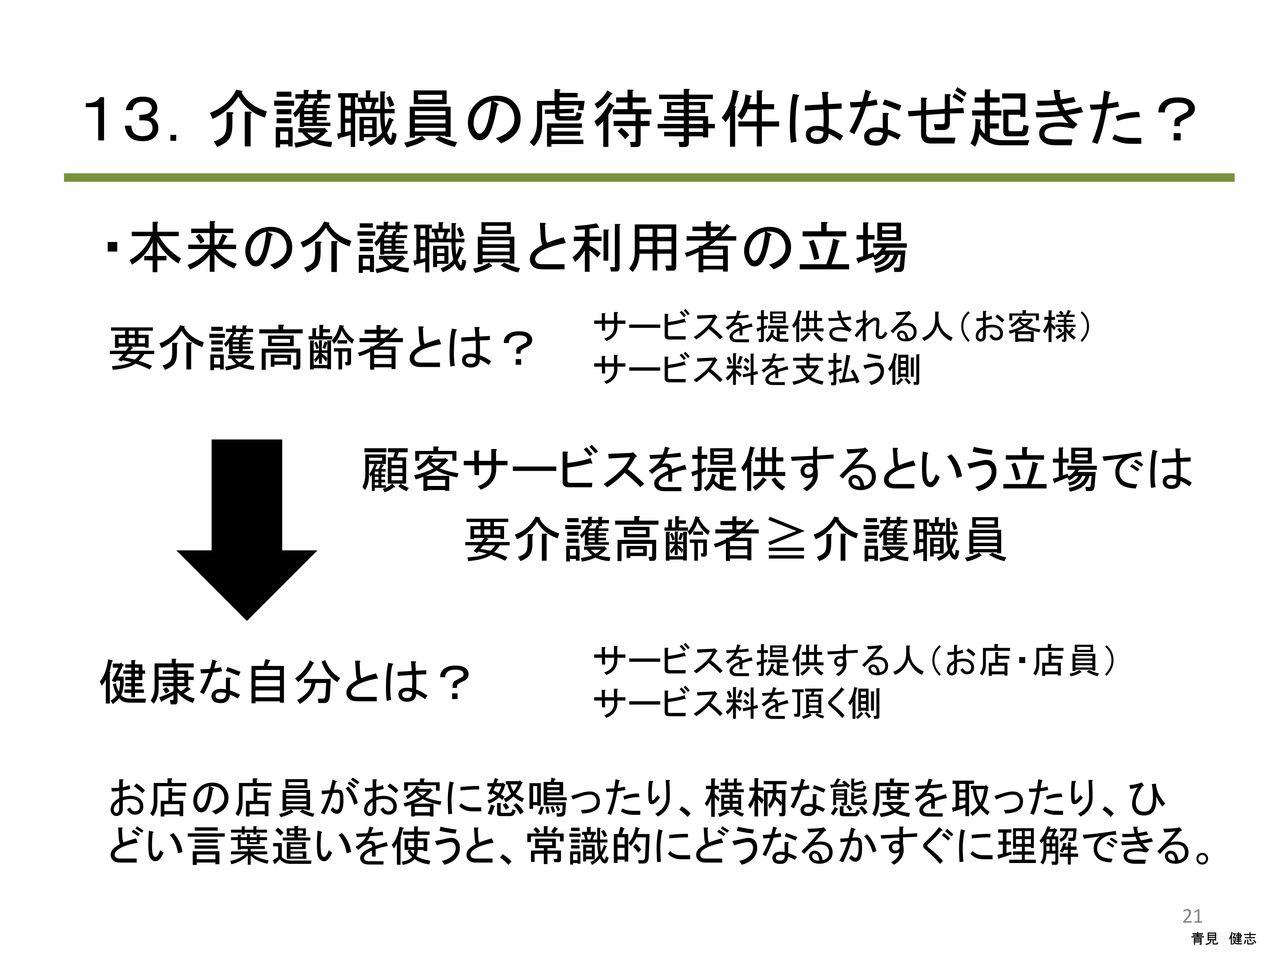 医療経営・管理学修士(専門職)青見健志  介護職員・施設の倫理研修コメント                aomikenji